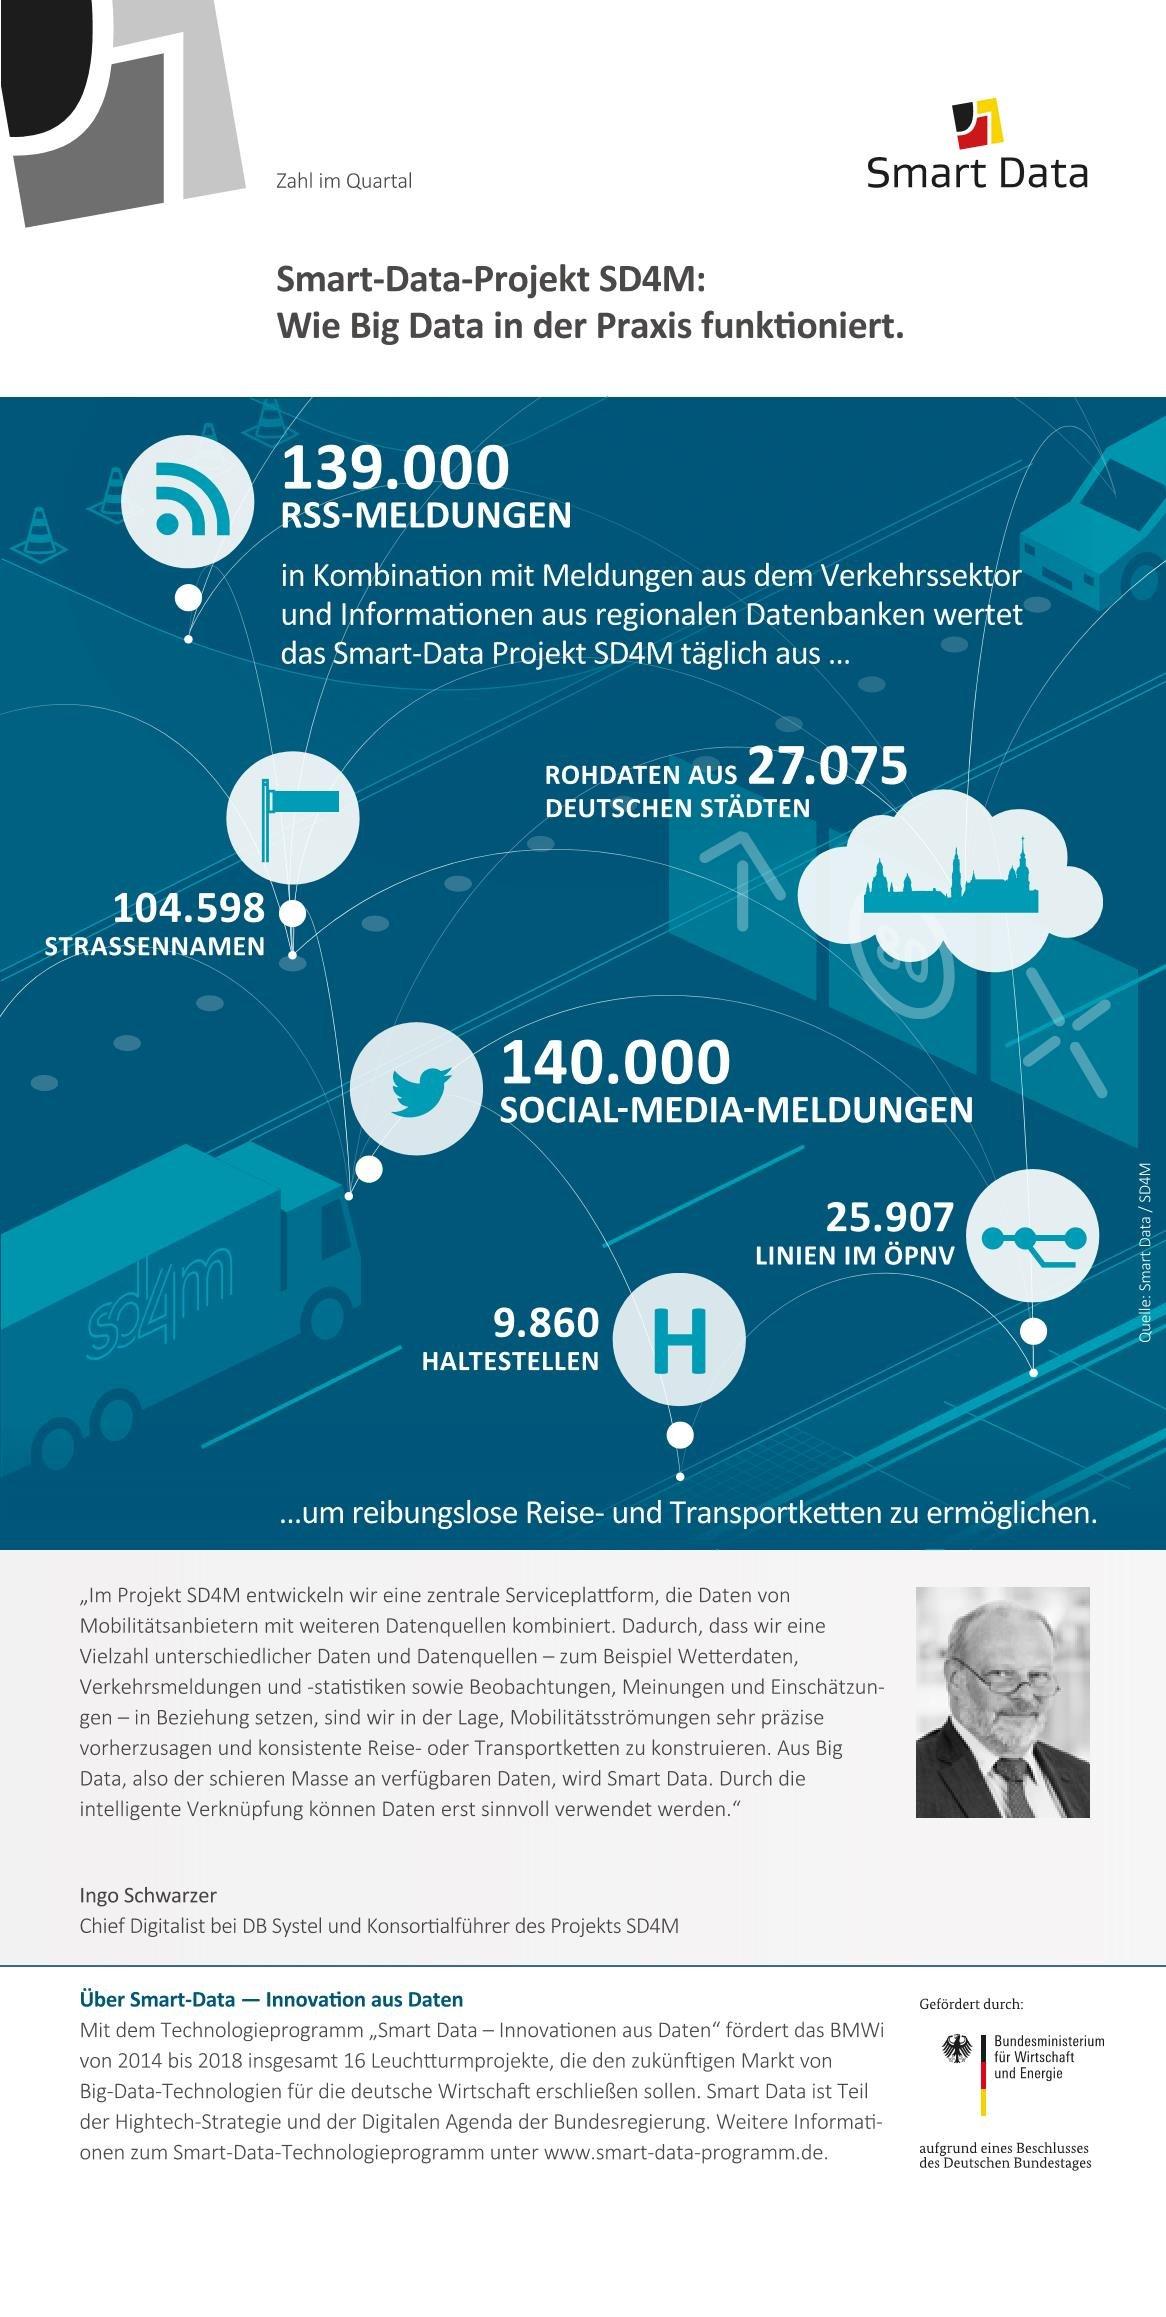 Big Data in der Praxis: Smart-Data-Projekt SD4M verarbeitet mehr als 139.000 Meldungen täglich